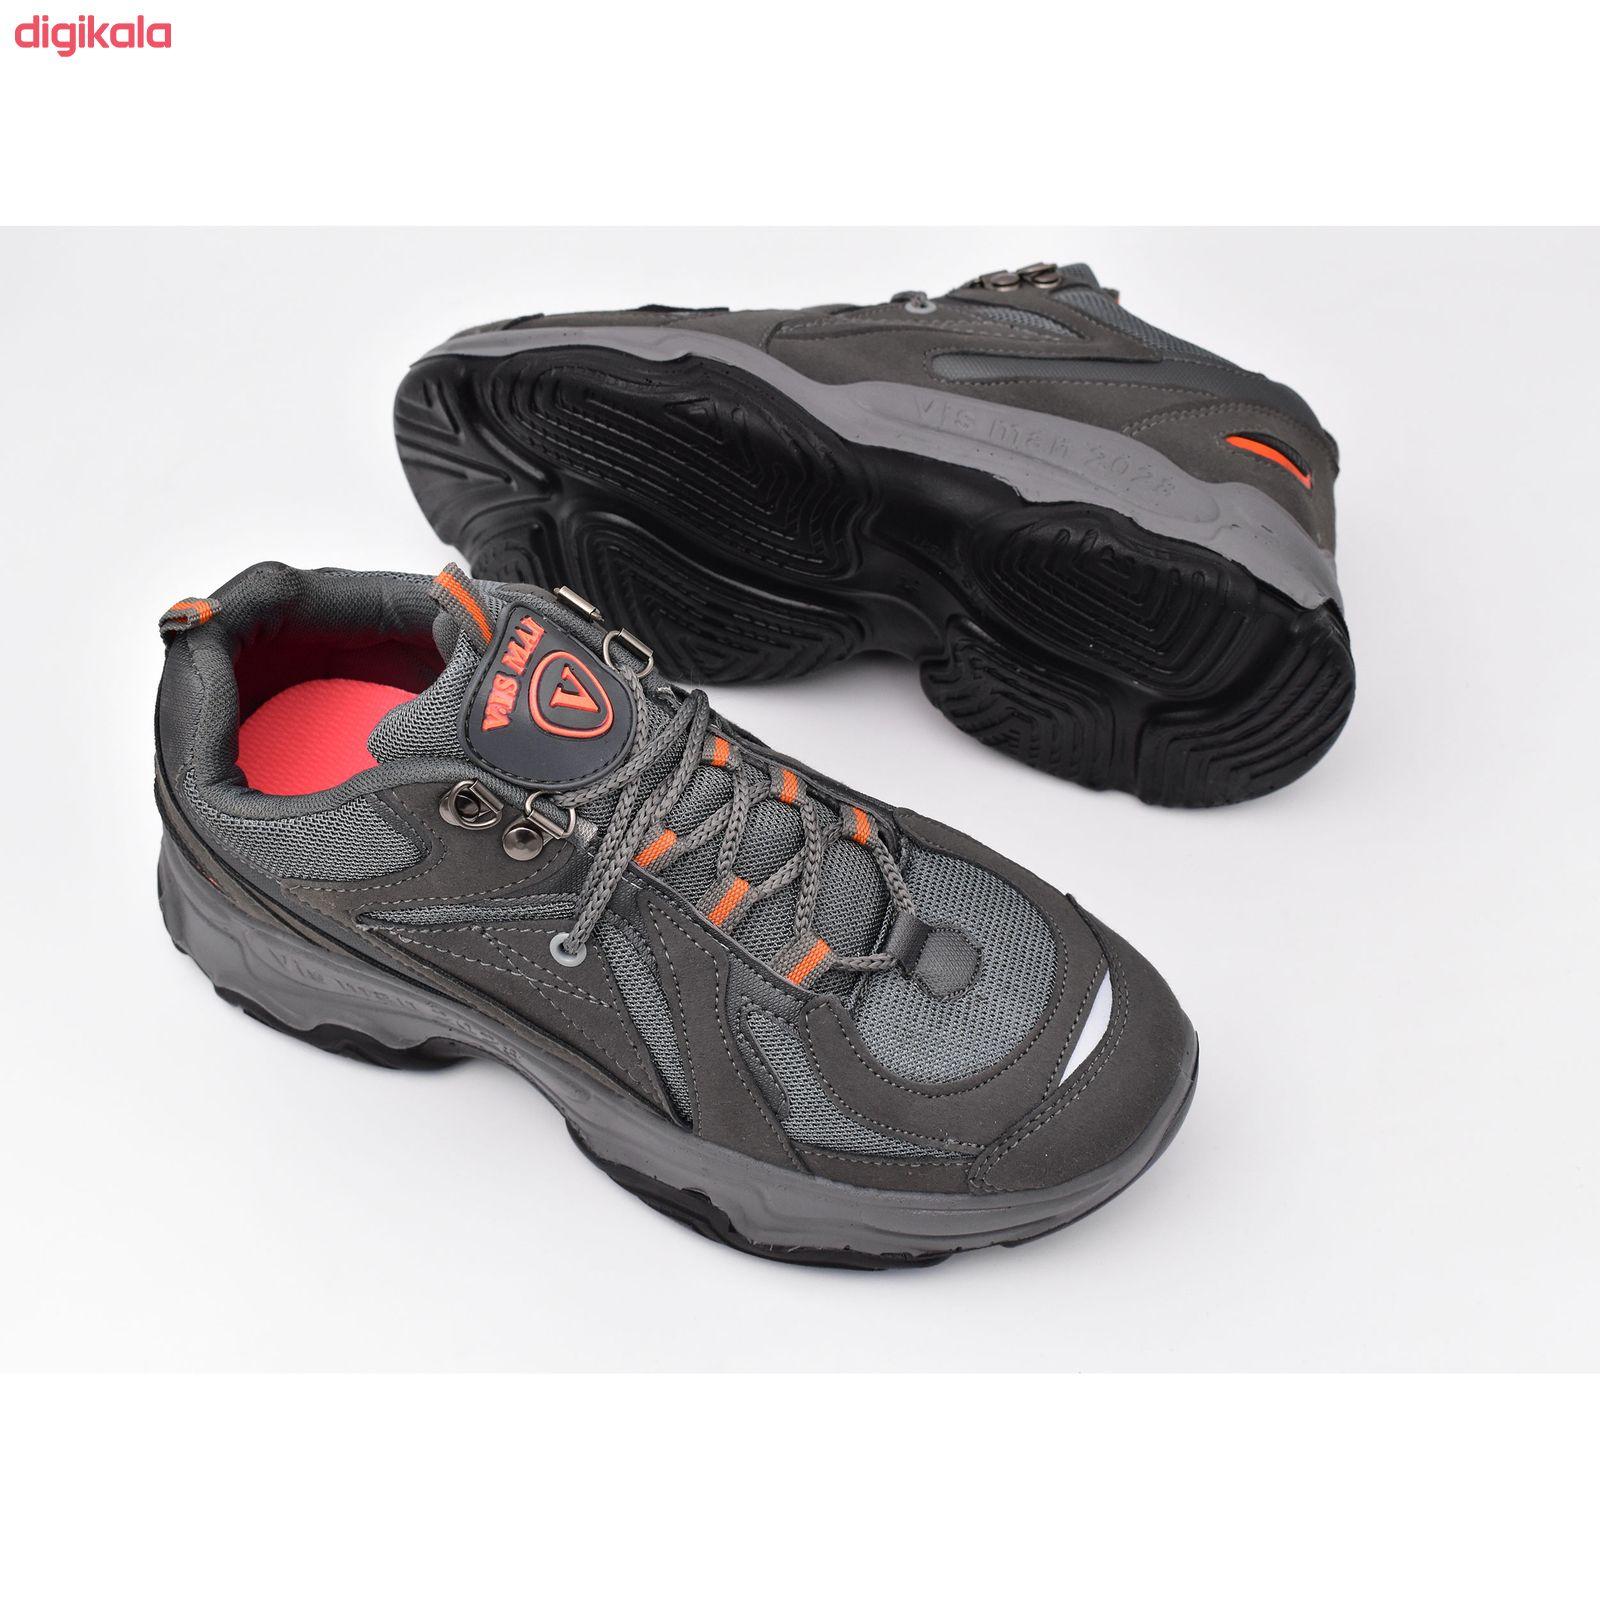 کفش کوهنوردی مردانه ویس من مدل CKO کد 8377 main 1 5